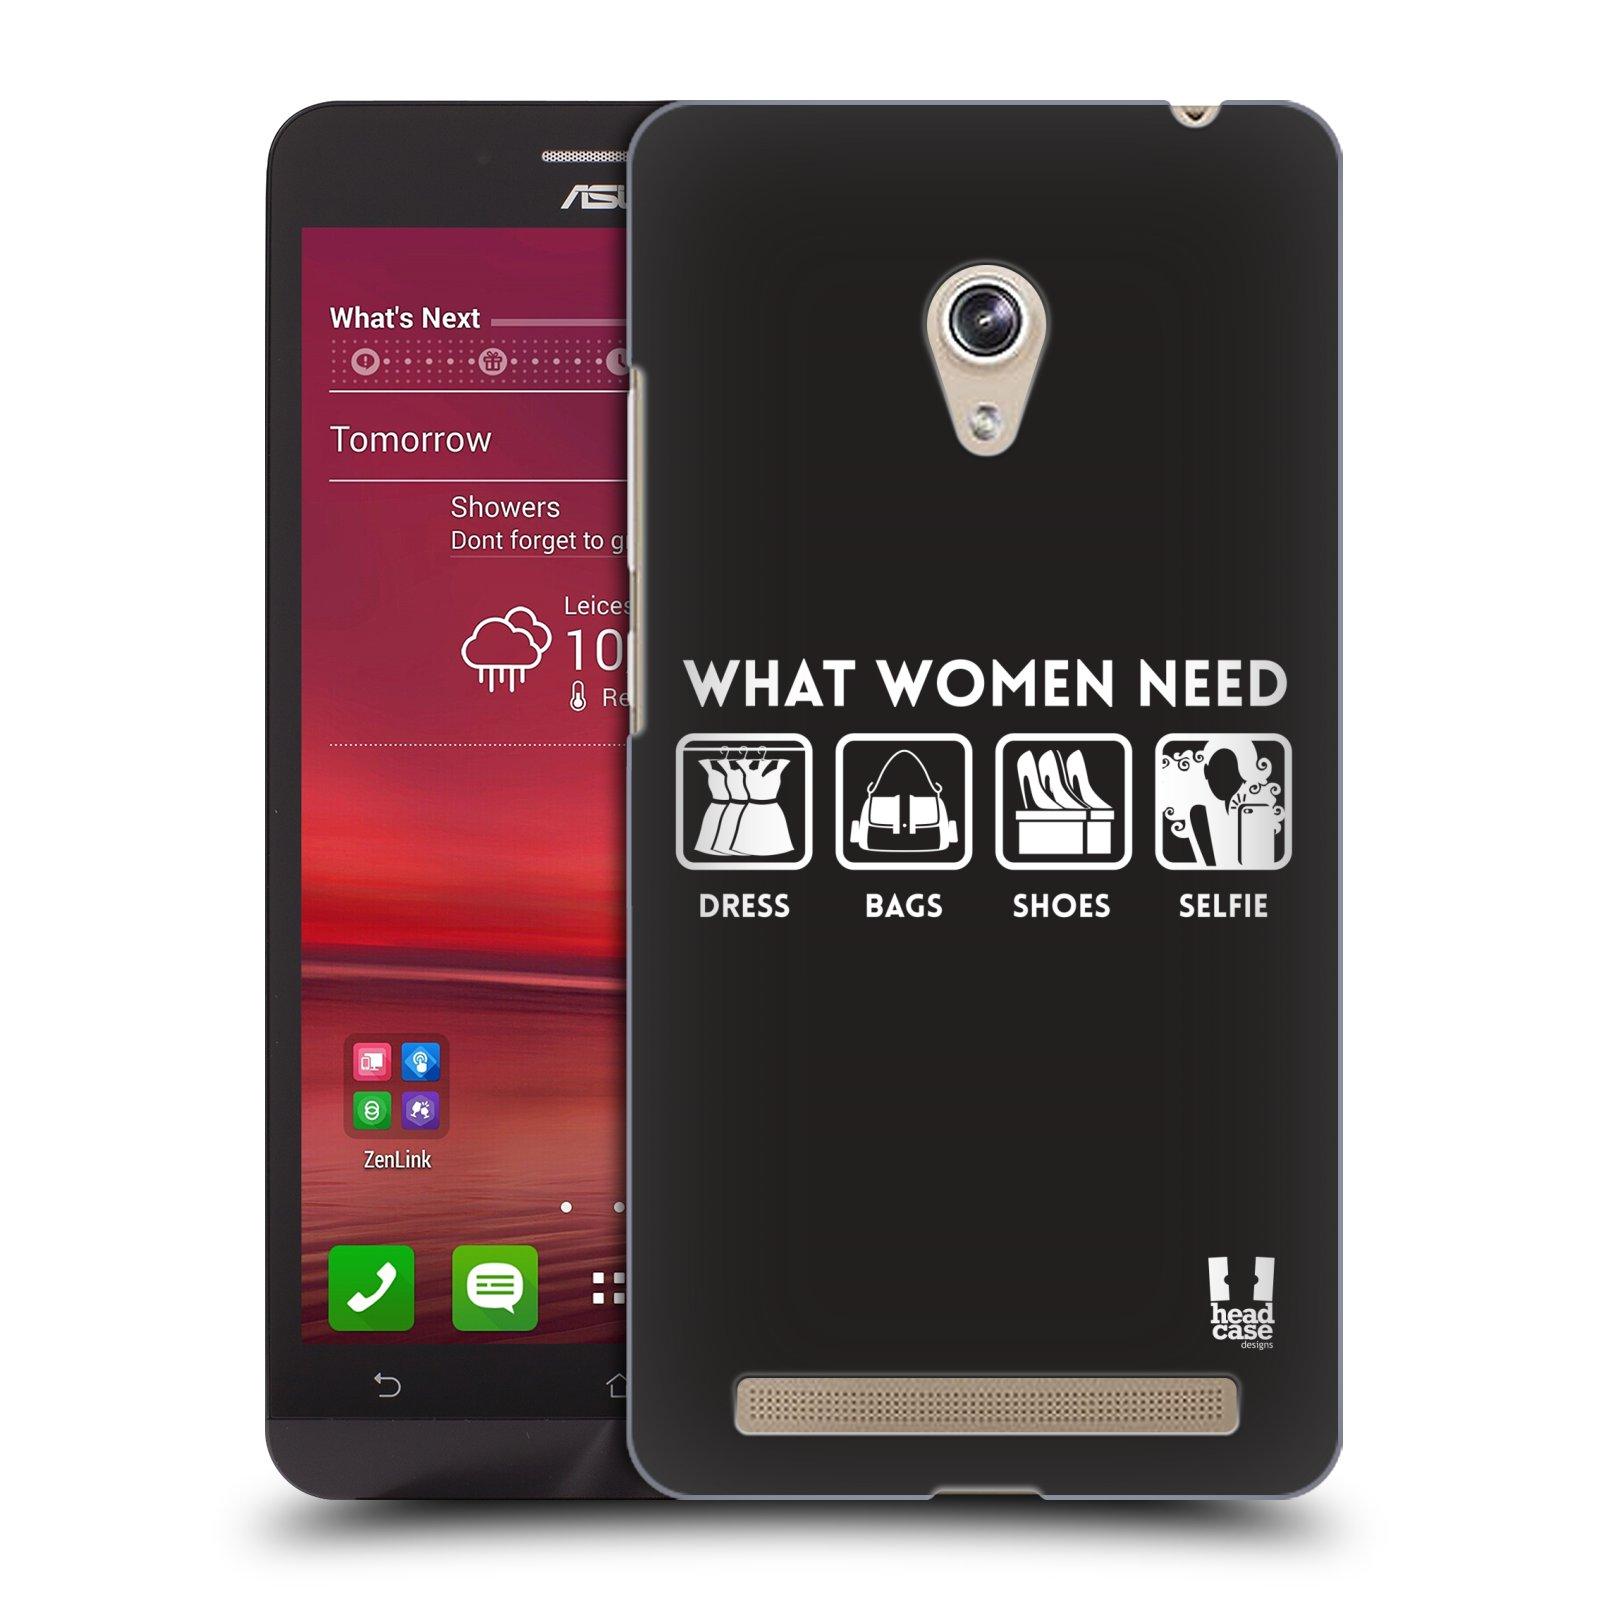 Plastové pouzdro na mobil Asus Zenfone 6 HEAD CASE POTŘEBY ŽENY (Kryt či obal na mobilní telefon Asus Zenfone 6 A600CG / A601CG)